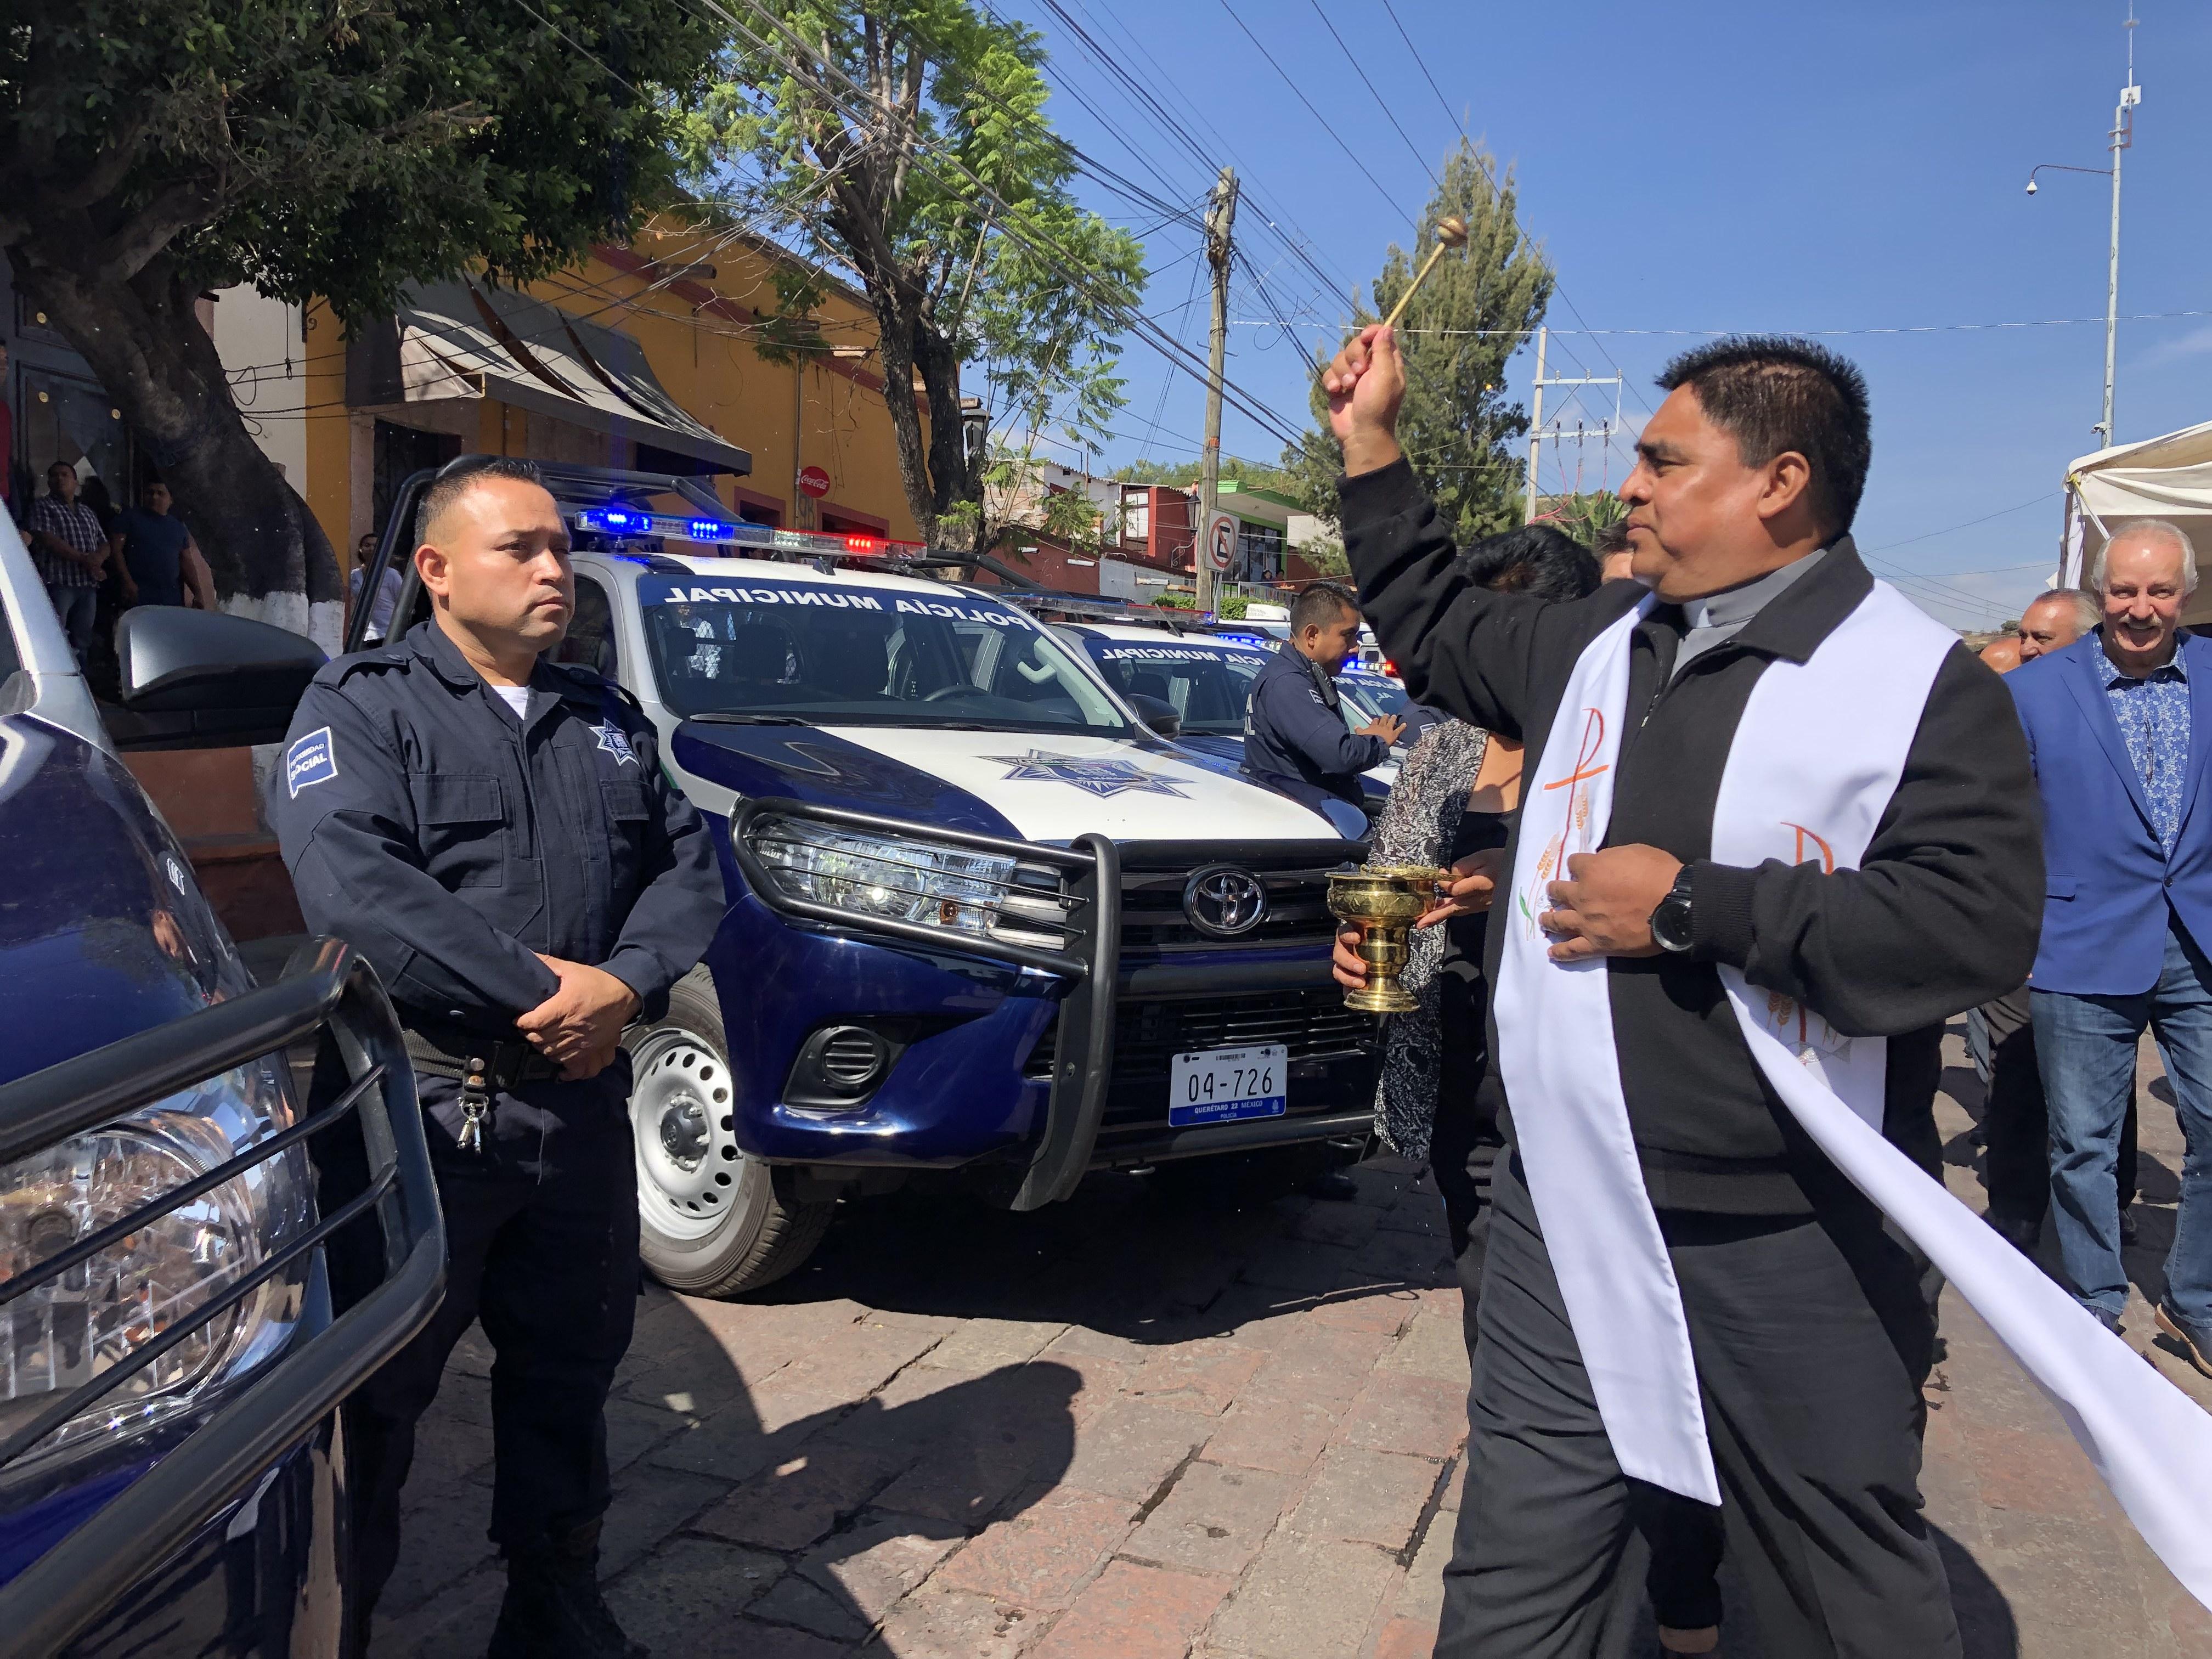 Entrega El Marqués 30 patrullas a la Secretaría de Seguridad Pública